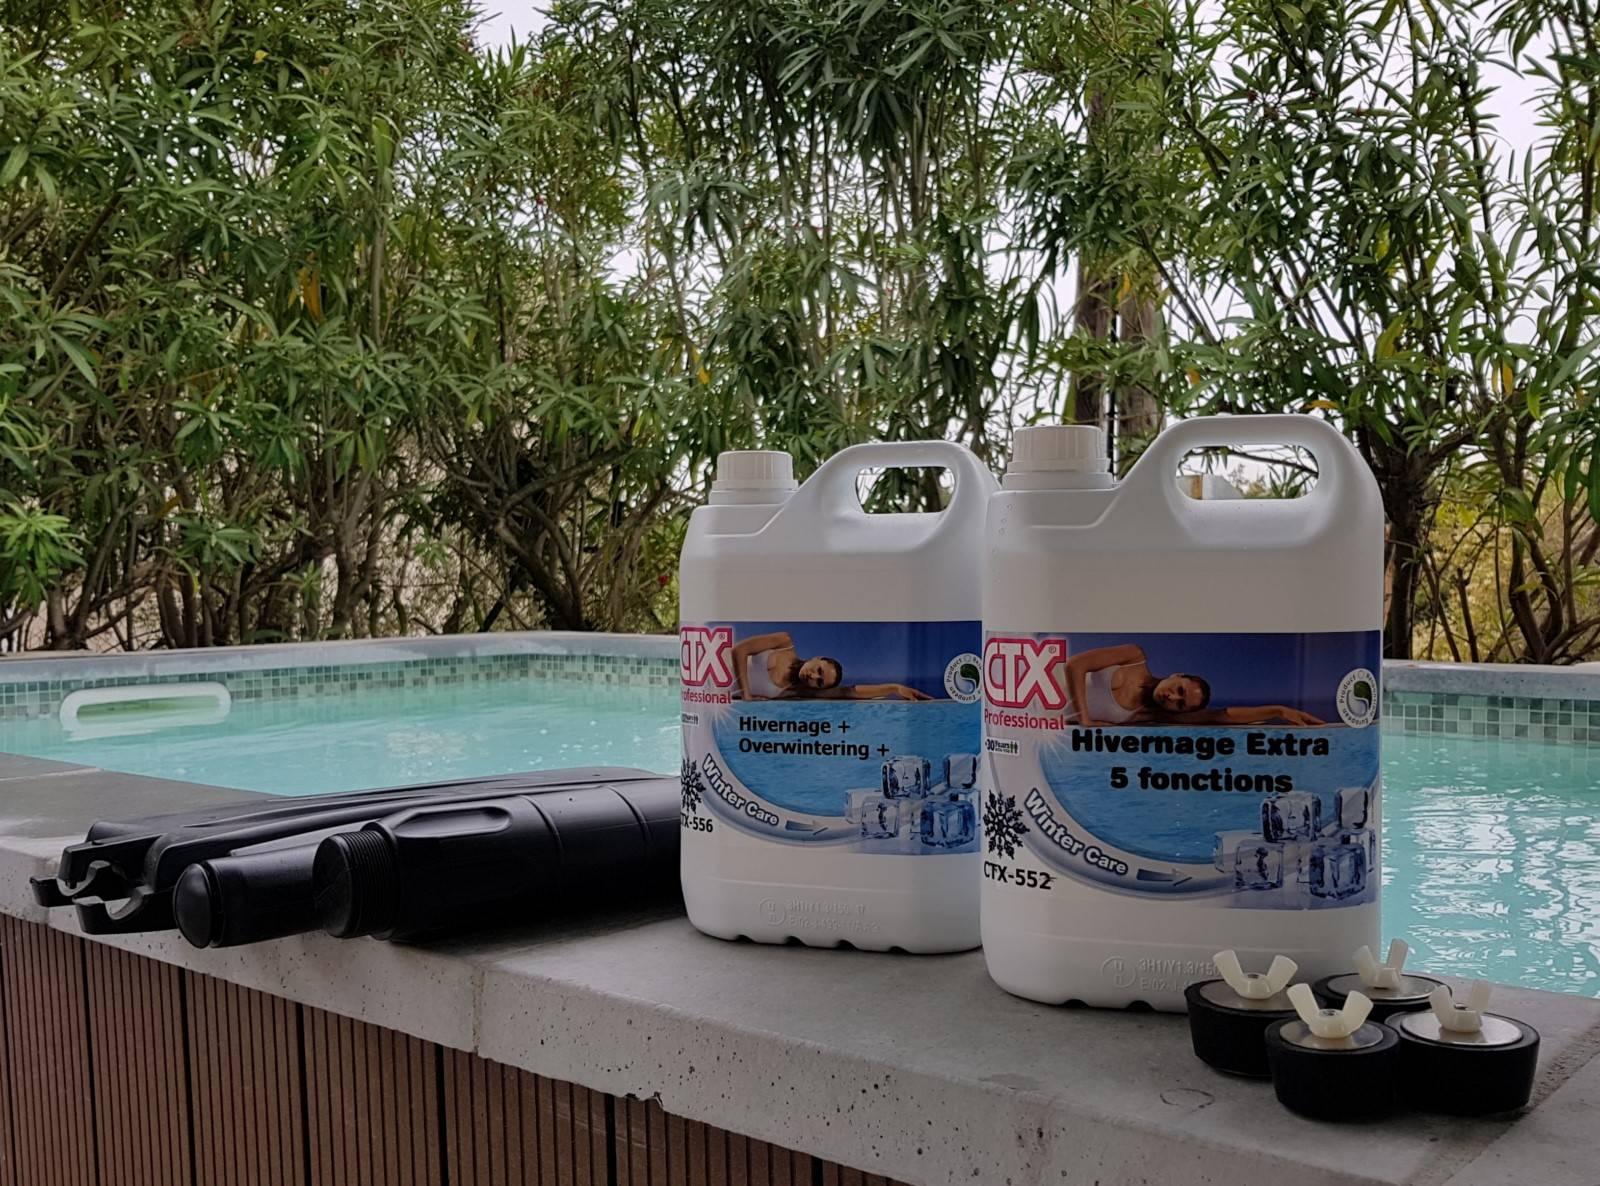 Robot Piscine Plan De Campagne pisciniste pour mise en service ou hivernage de piscine plan